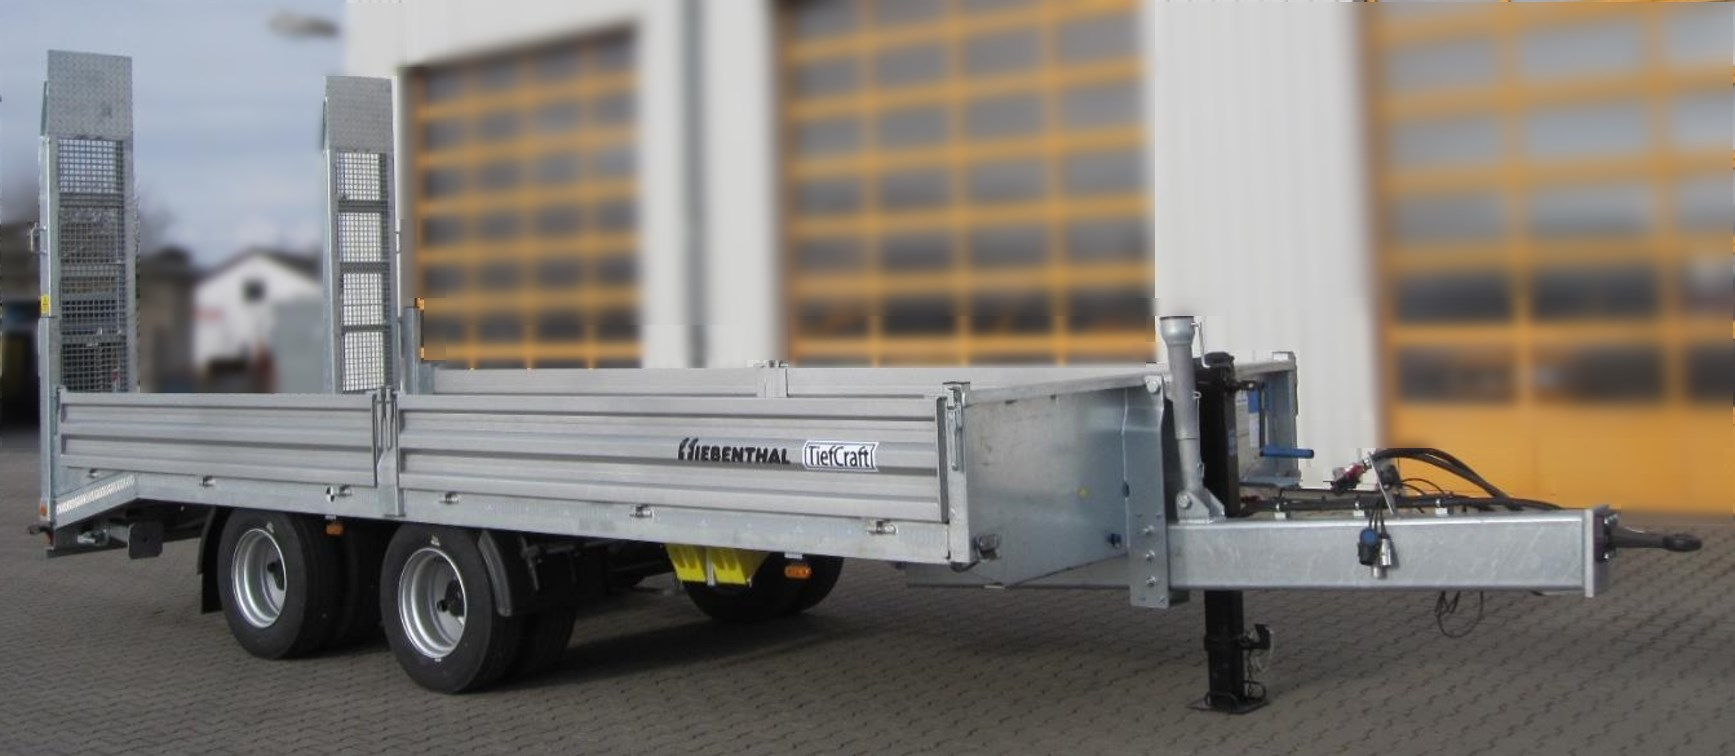 Unterlegkeile-Bordwaende_Tandem-Tiefladeanhaenger_TTH-18-19-S-TiefCraft.jpg